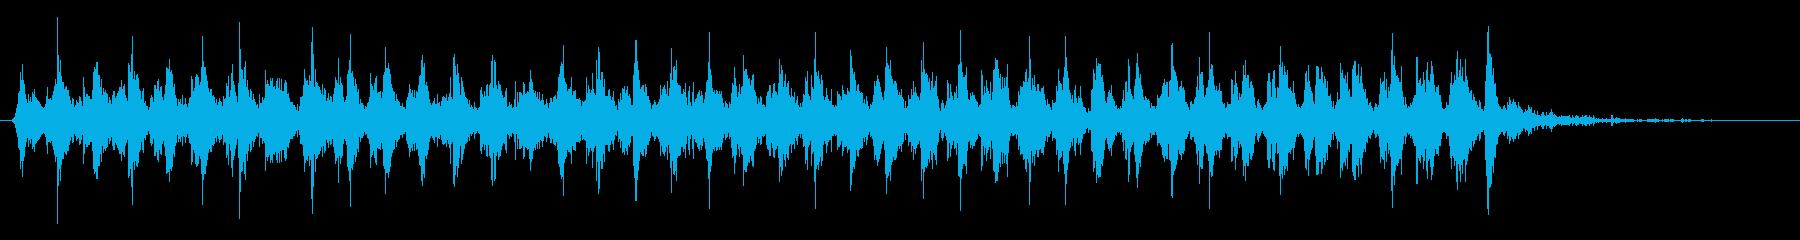 スレイベル:ライトセット:ロングシ...の再生済みの波形